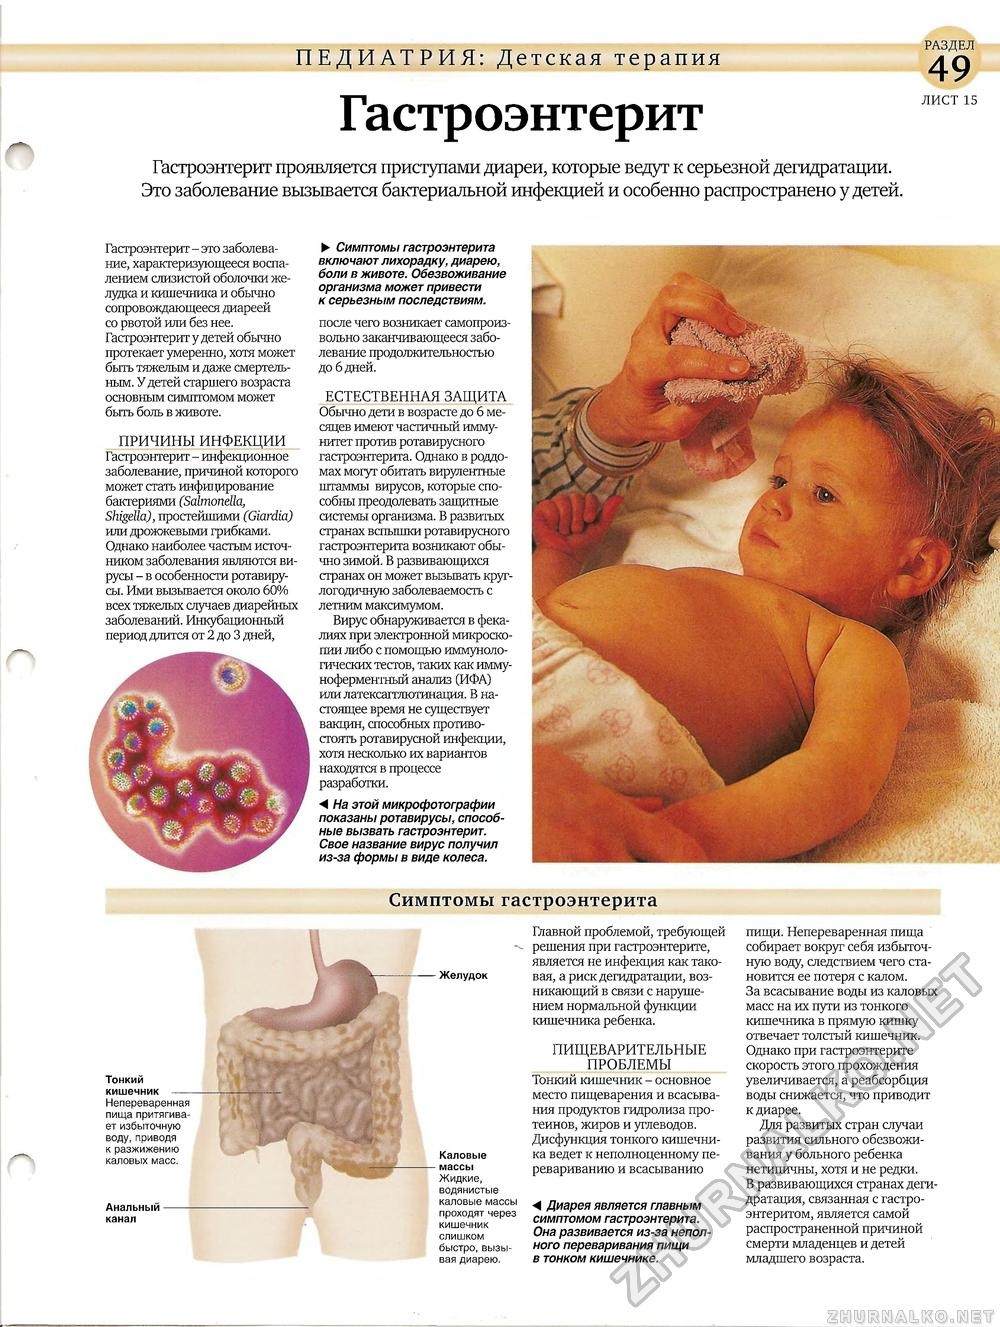 Ротавирус у детей: симптомы и лечение. Меры профилактики 87